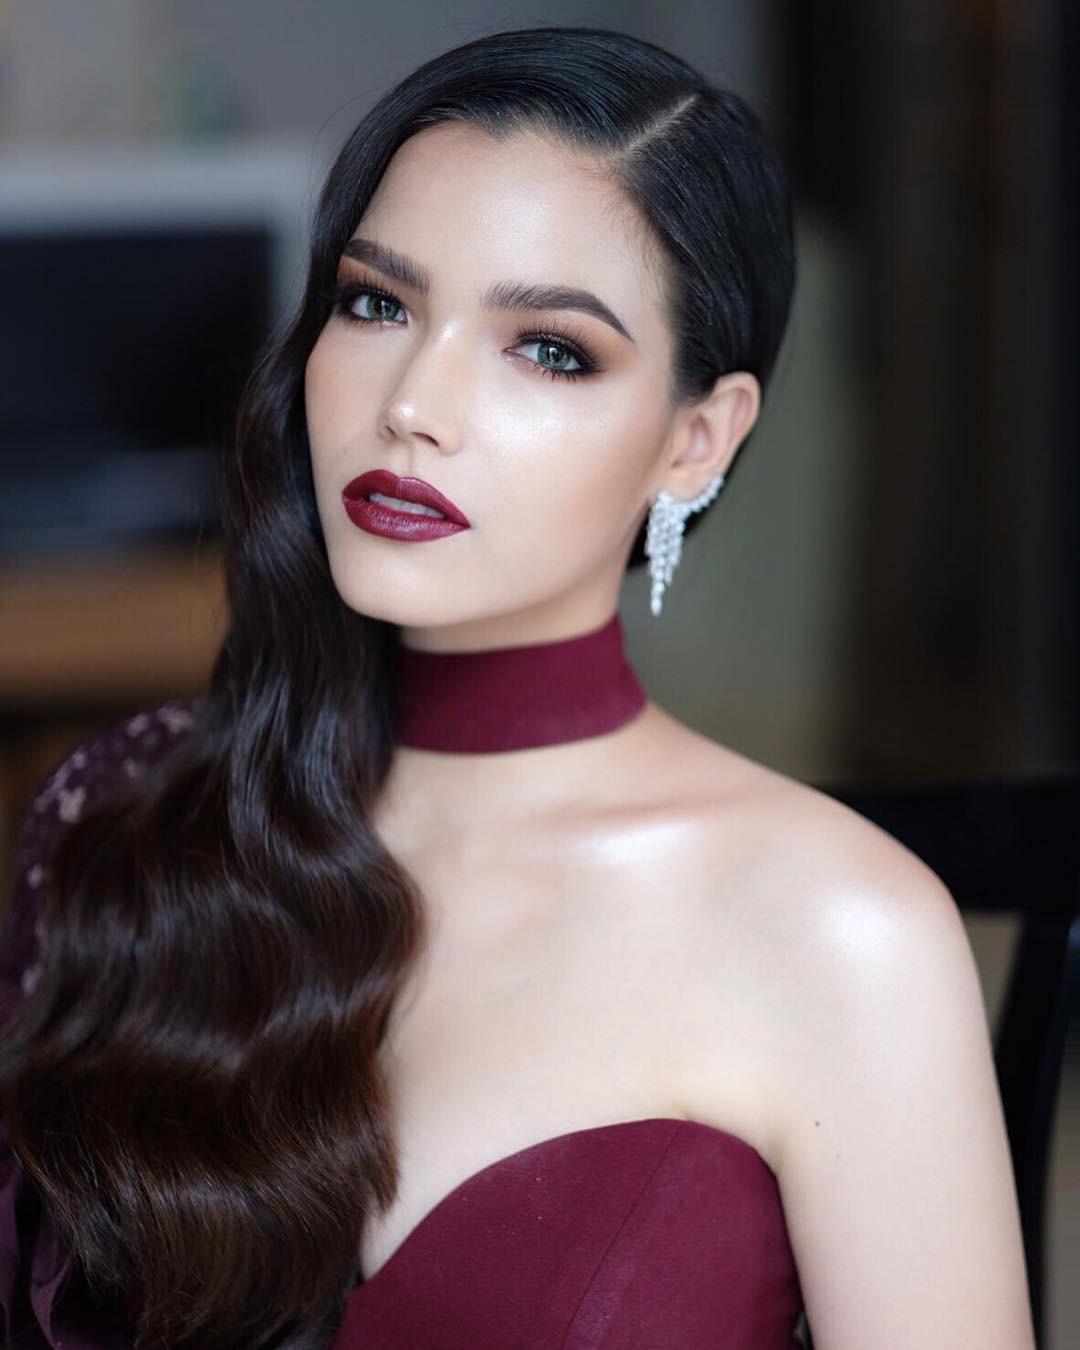 Mỹ nhân 25 tuổi vừa đăng quang Hoa hậu Hoàn vũ Thái: Con lai 2 dòng máu, lội ngược dòng ngoạn mục từ Á thành Hoa - Ảnh 5.